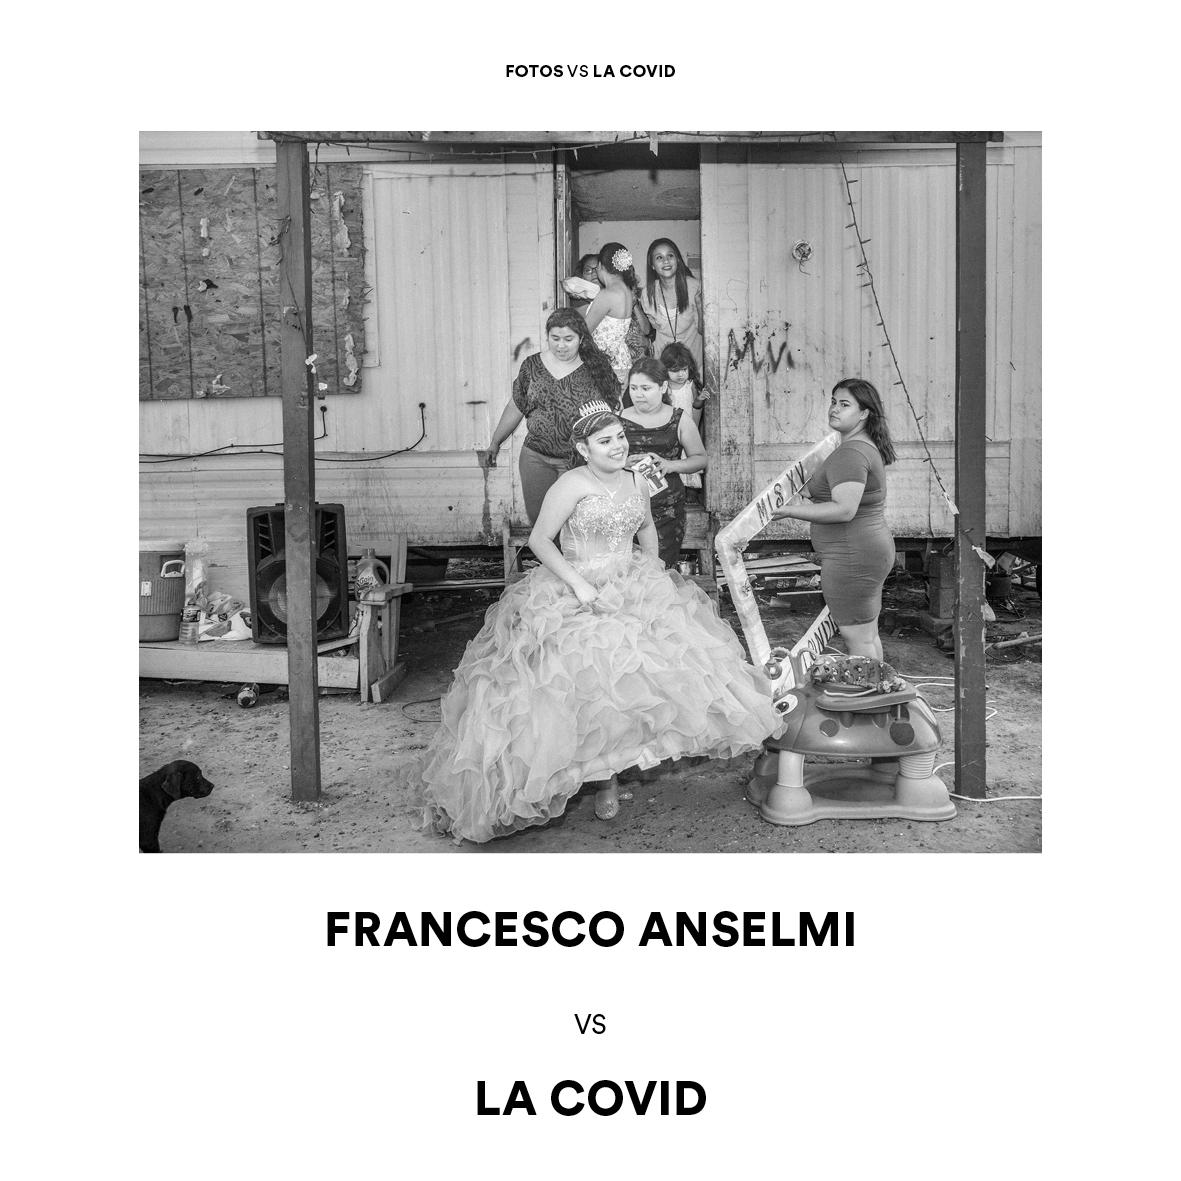 Francesco Anselmi POST